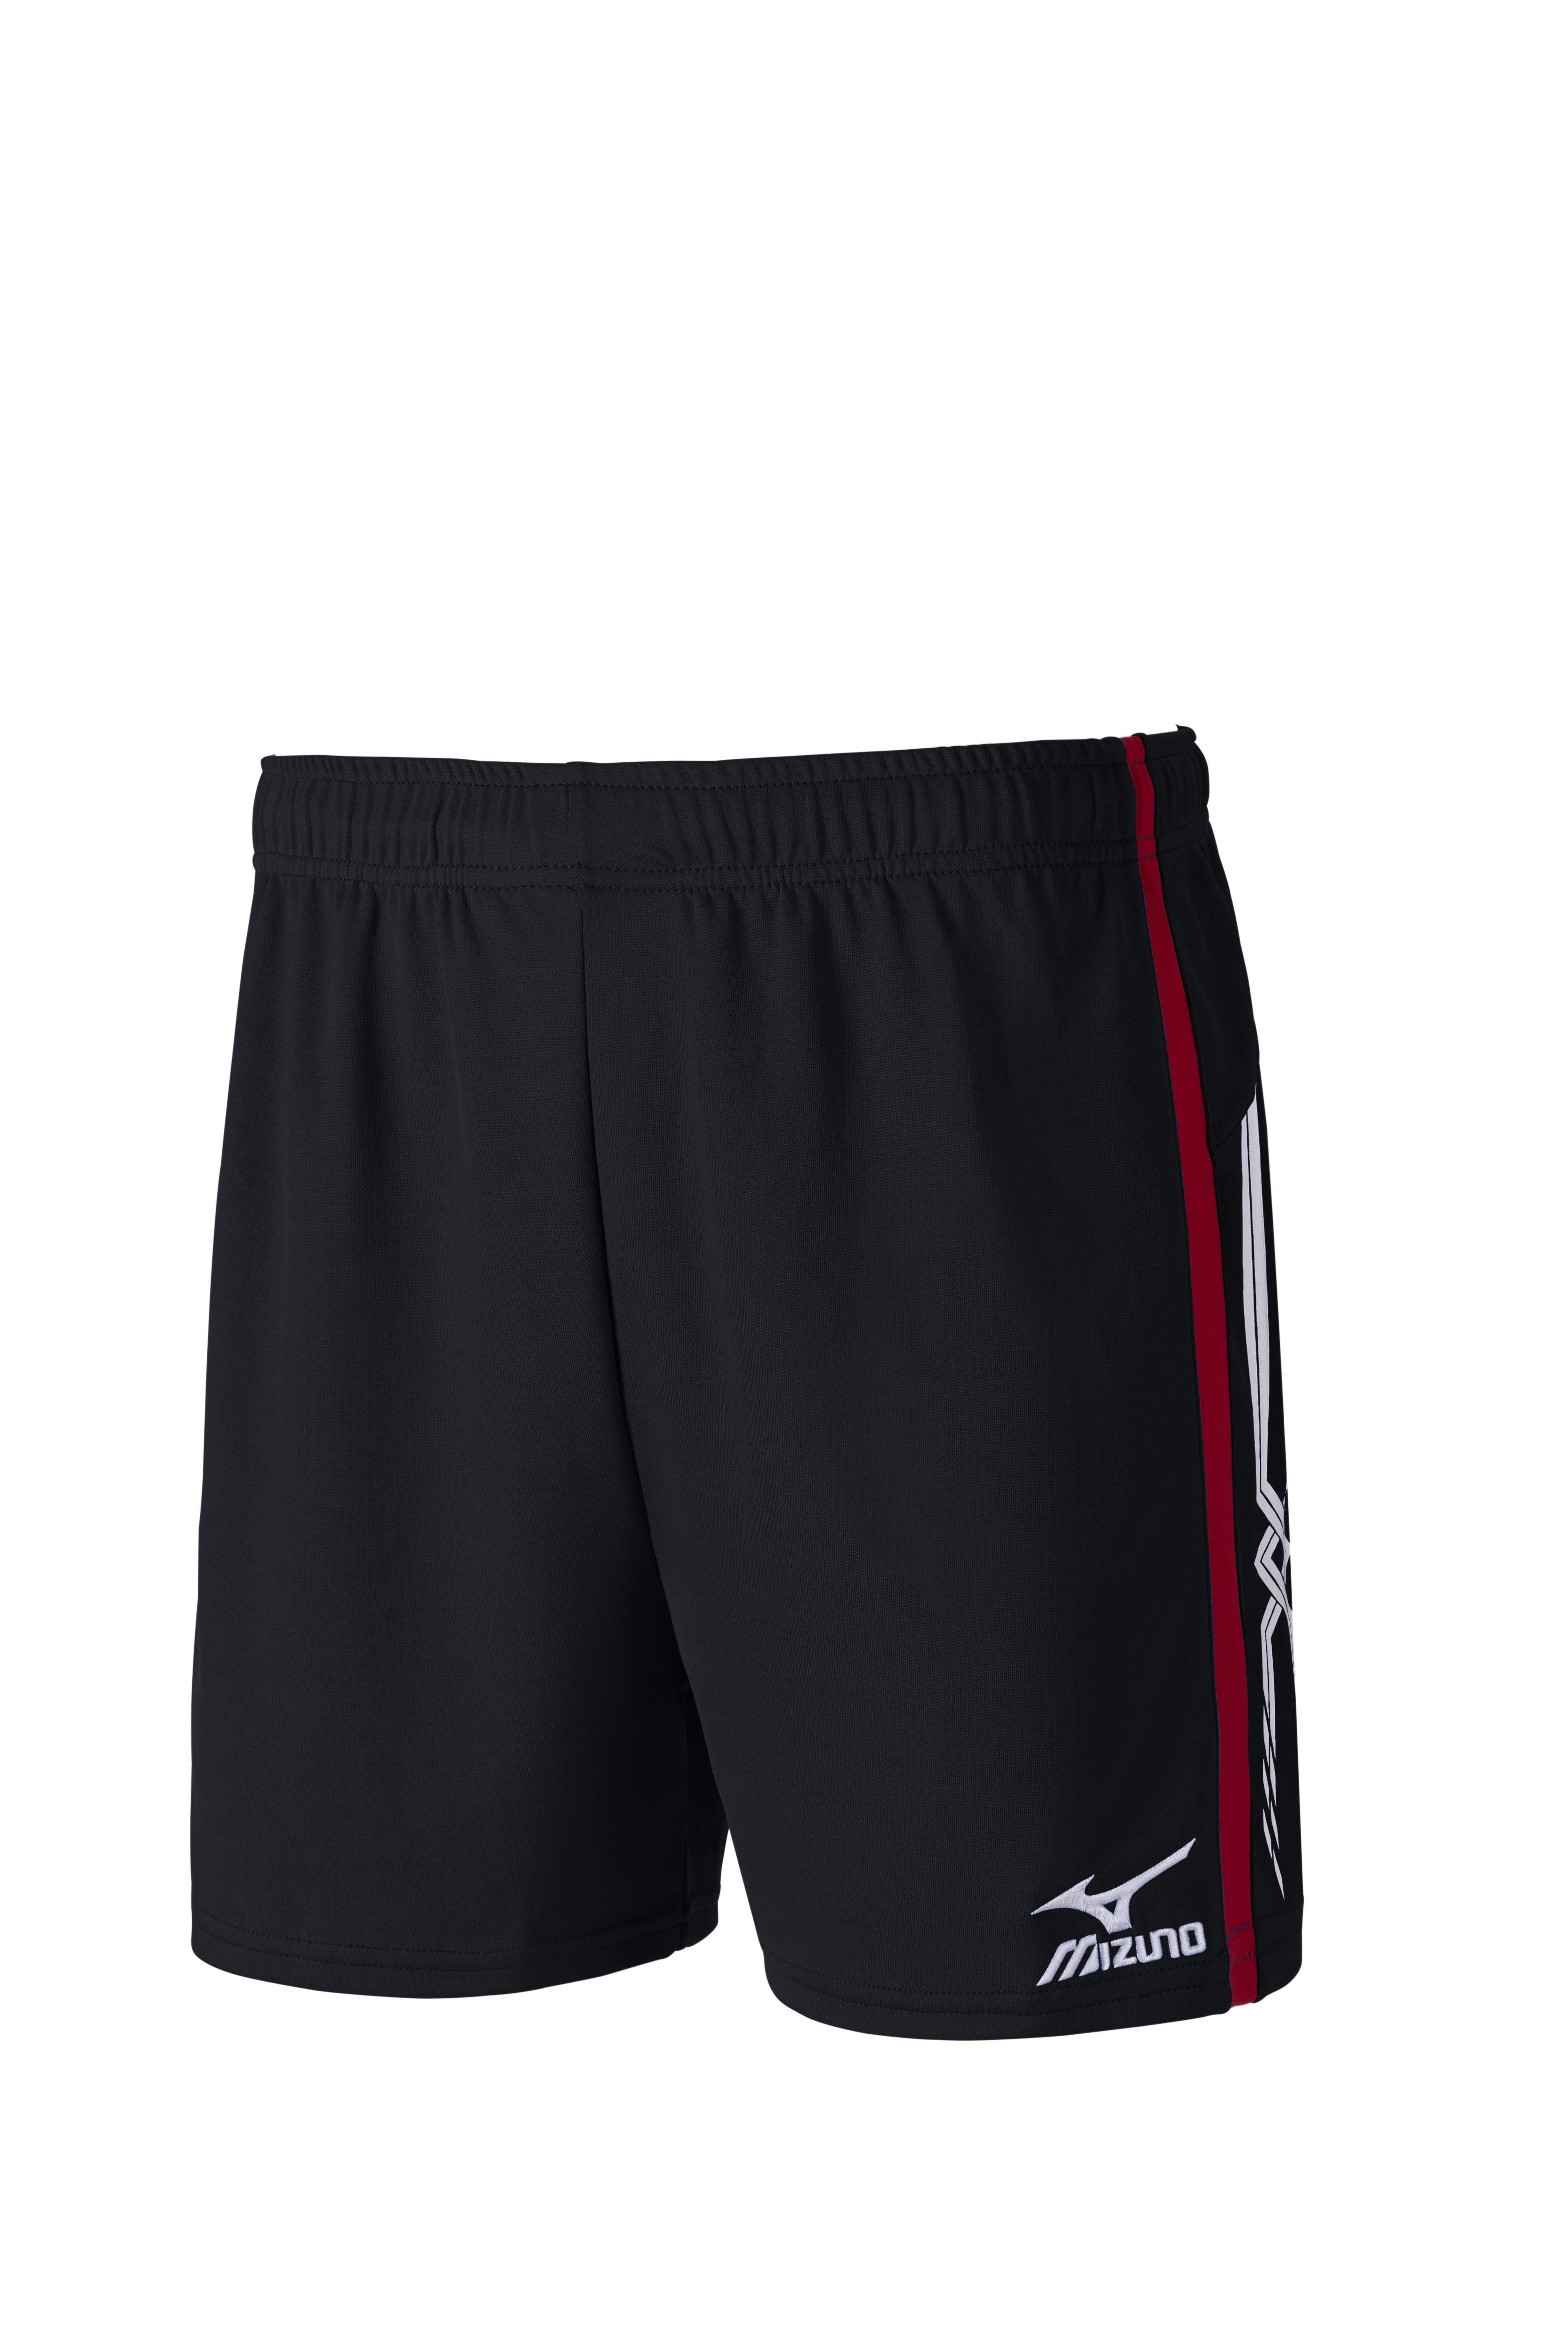 Mizuno Premium Shorts V2GB6B3009 M